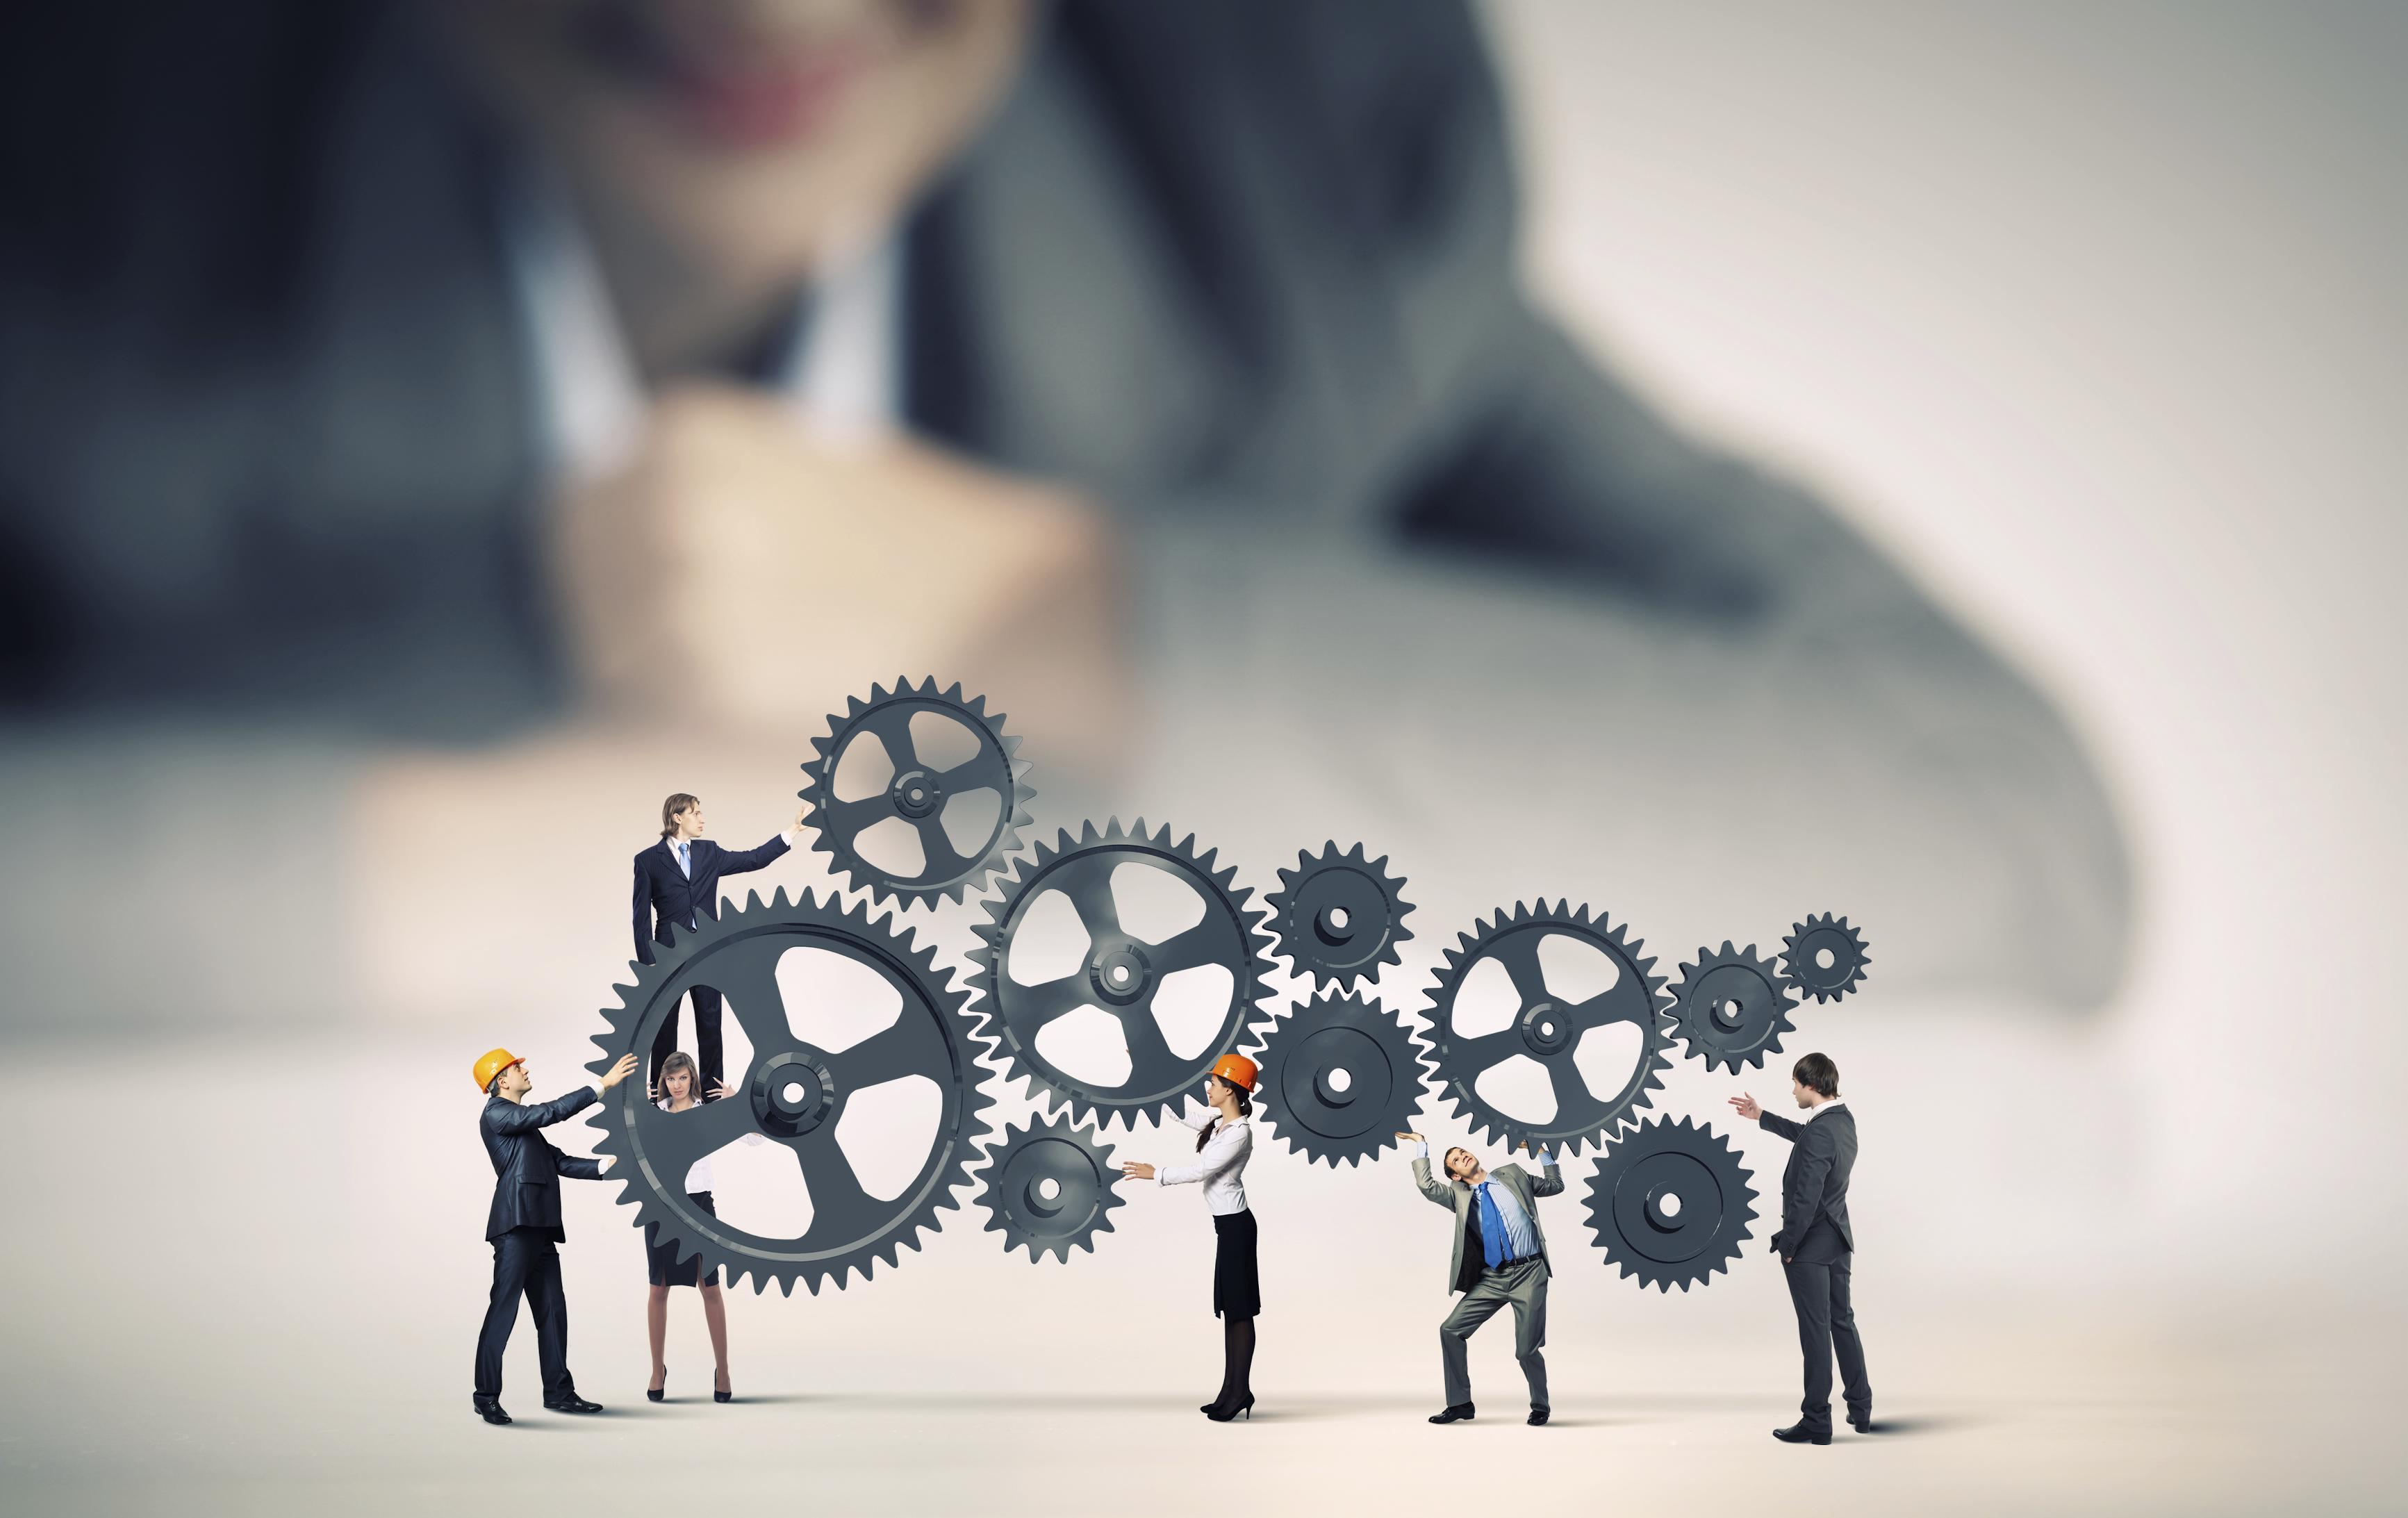 چگونه کشمکش به کمک تیم های استارتاپی می آید ؟